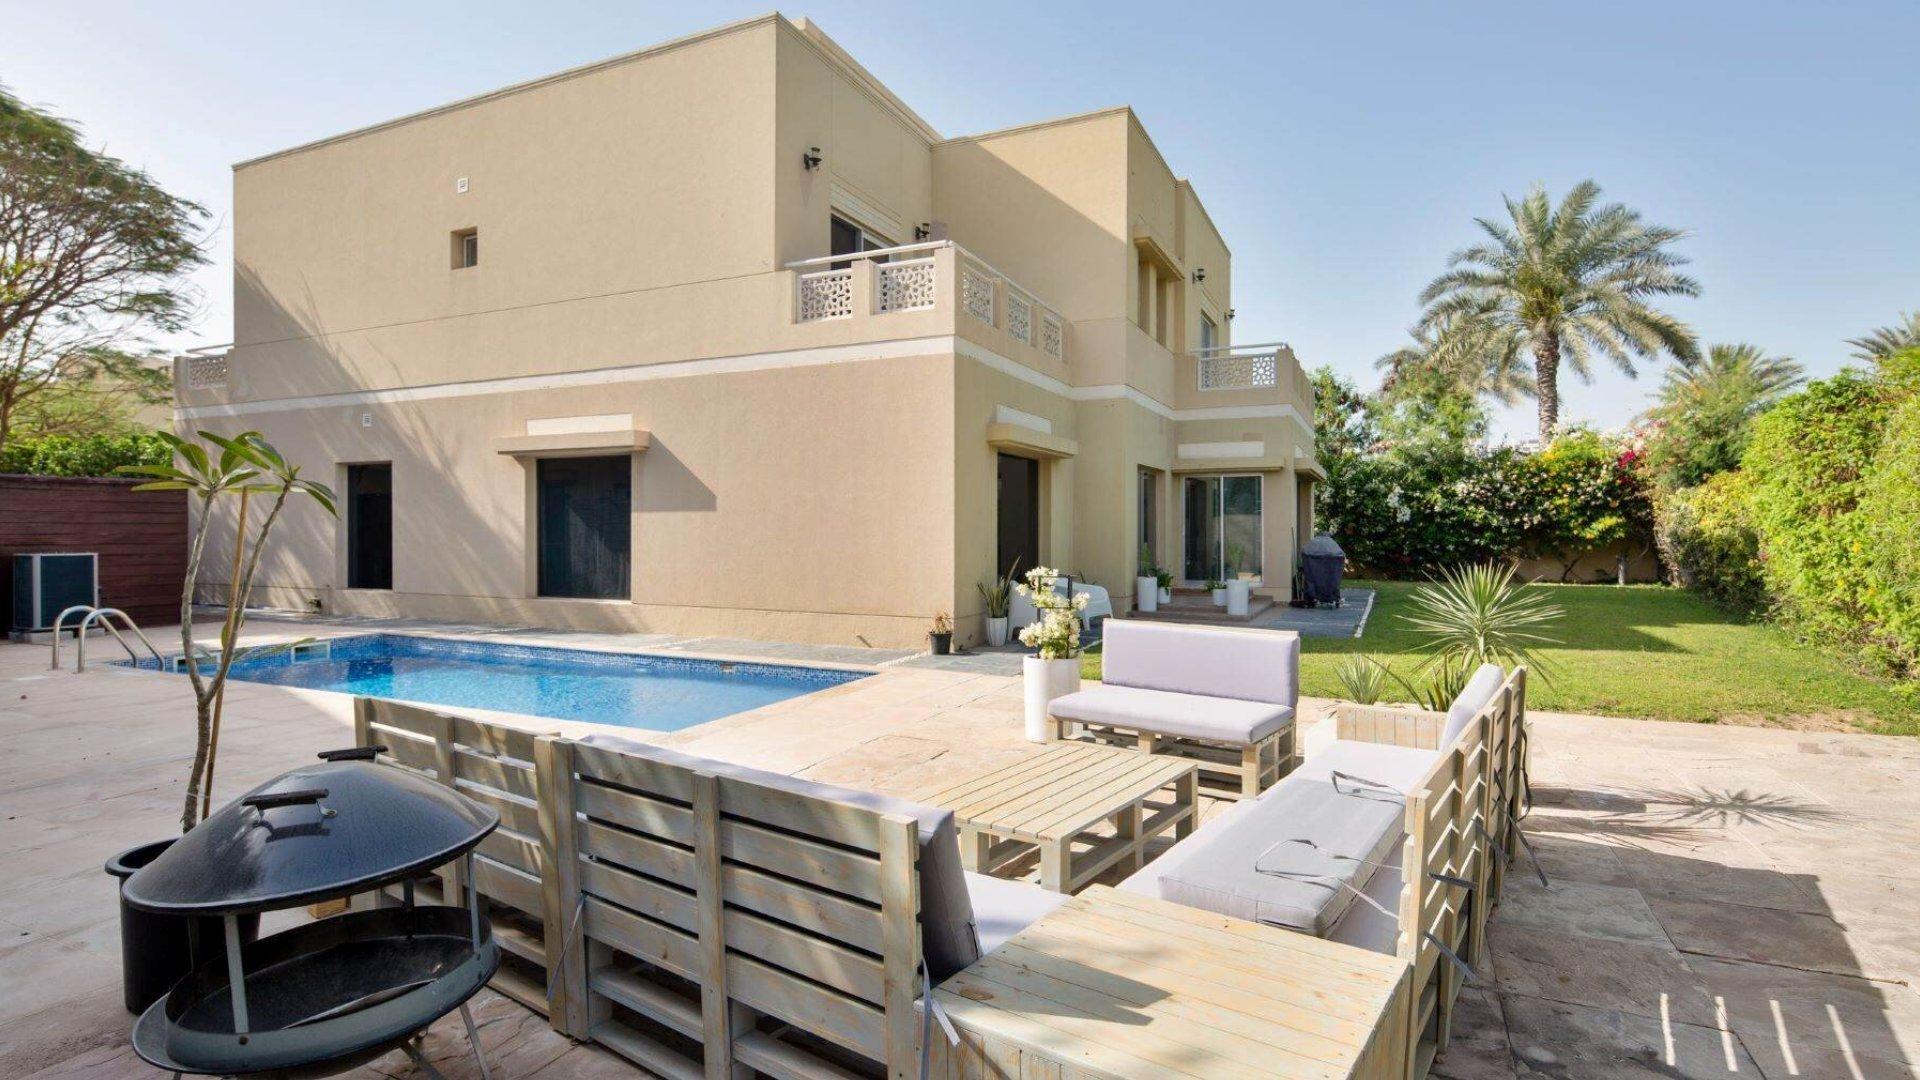 Villa en venta en Dubai, EAU, 5 dormitorios, 588 m2, № 24377 – foto 4